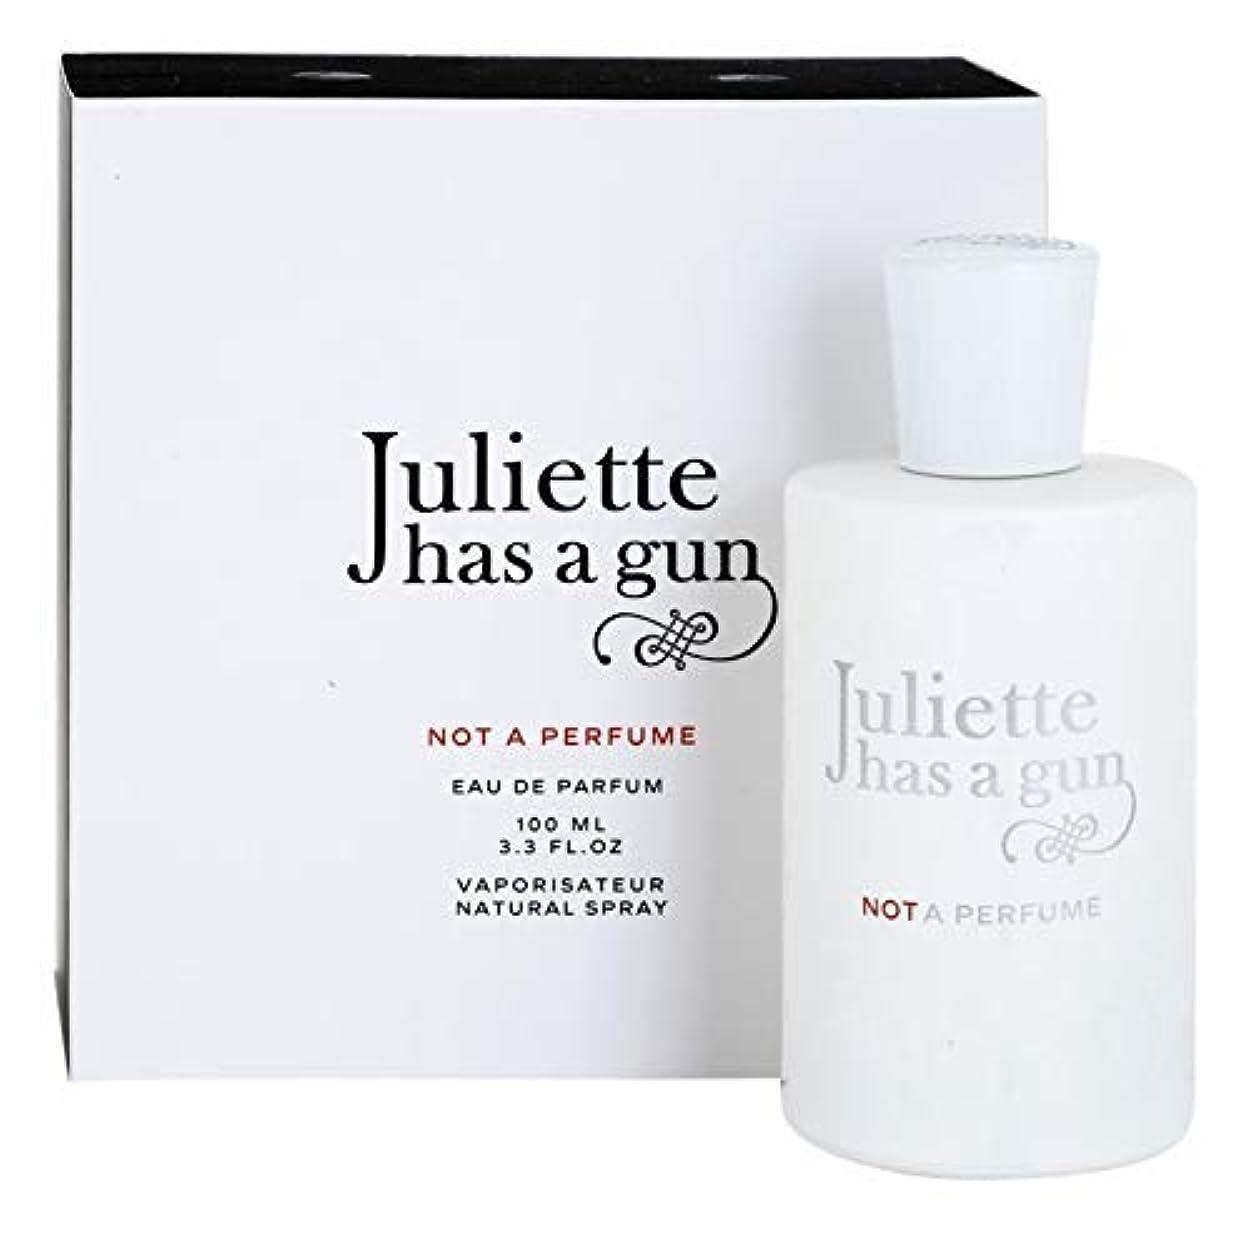 マーク地下軸HIT! 100% Authentic Juliette Has A Gun NOT A Perfume Eau de Perfume 100ml Made in France + 2 Niche Perfume Samples Free?/ ヒット! 100%本物のジュリエットは香りではなくガンオードパルファム100mlフランス製+ 2ニッチ香水サンプル